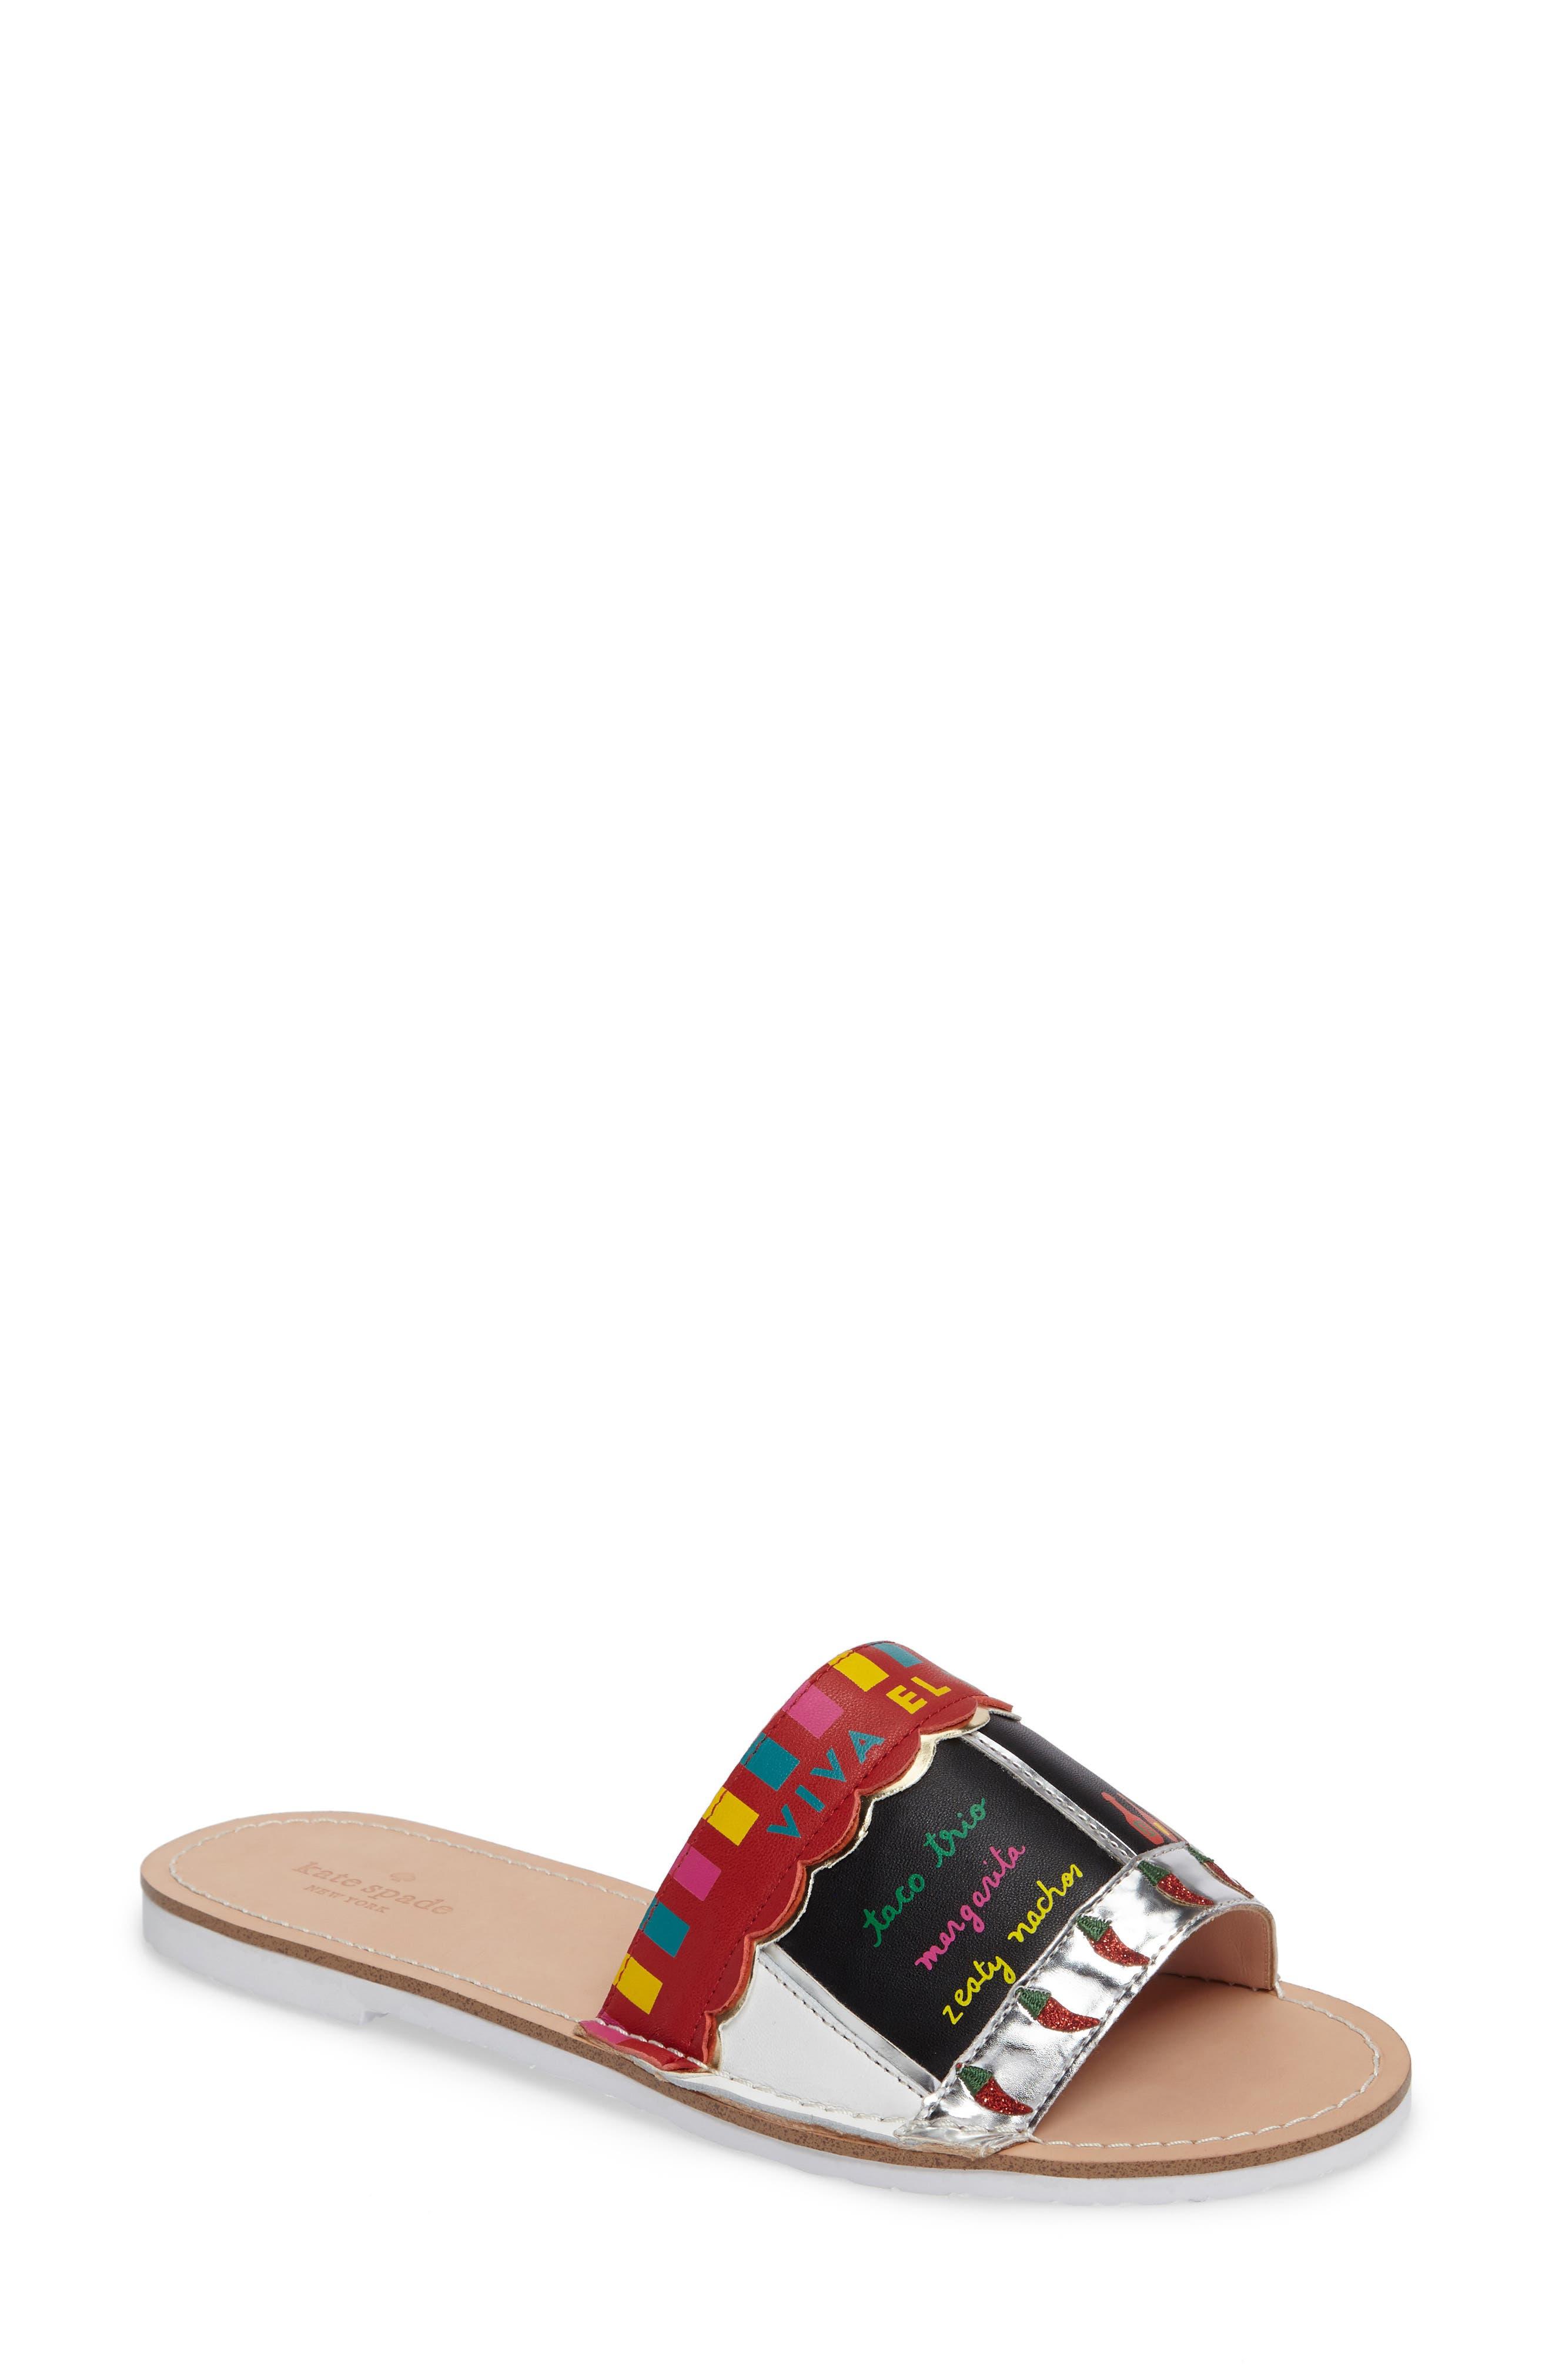 kate spade new york illi slide sandal (Women)